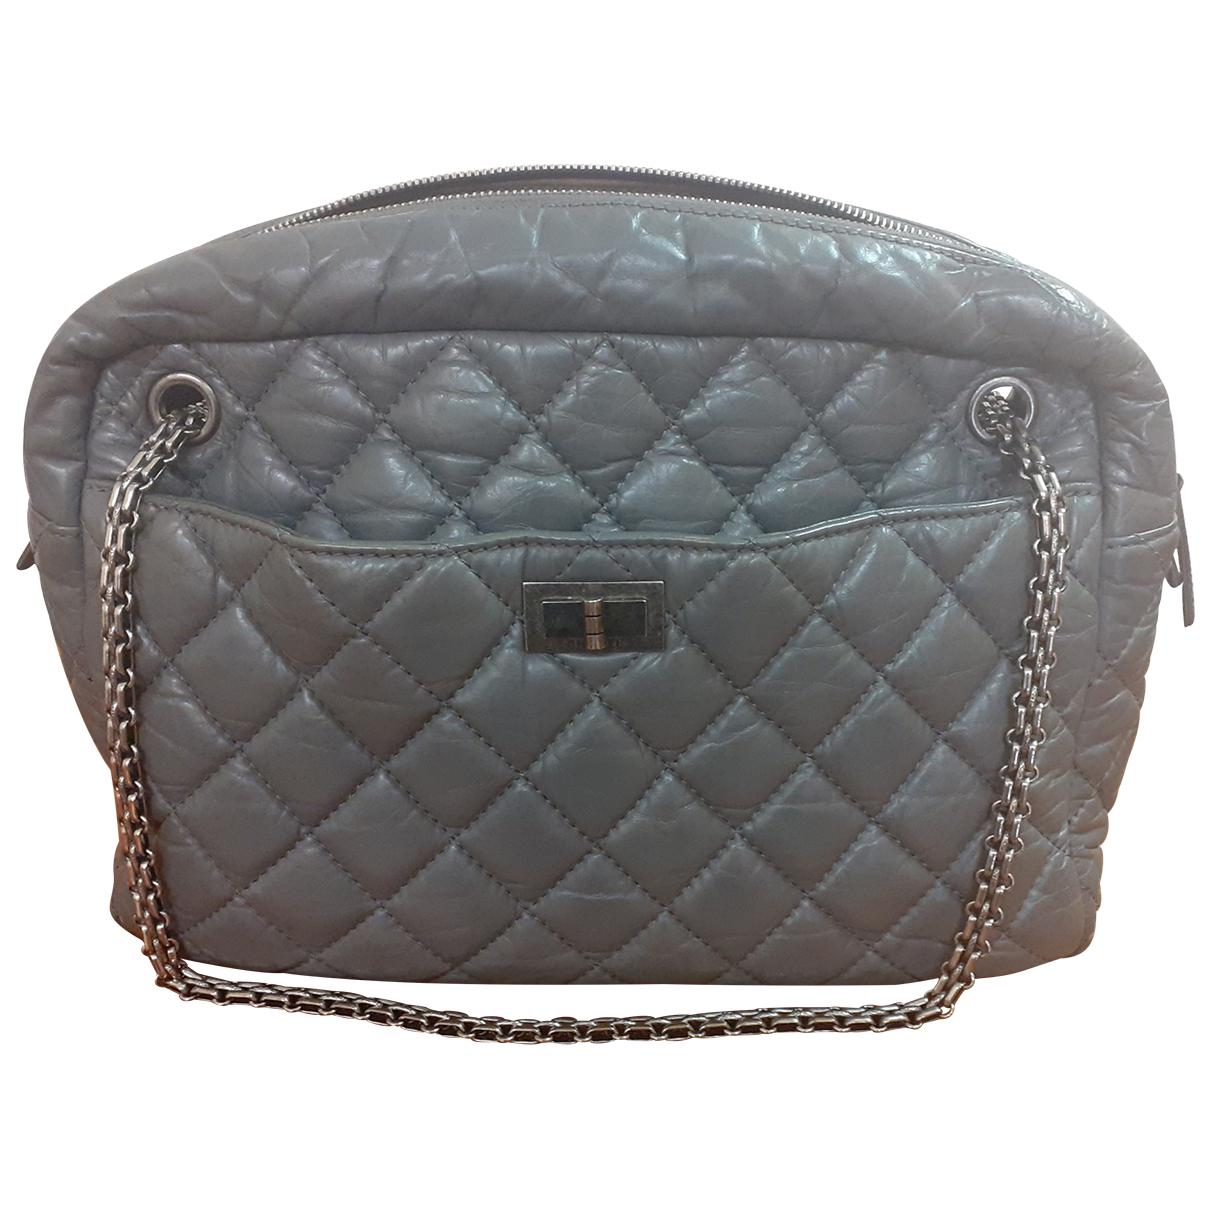 Chanel Camera Grey Leather handbag for Women N